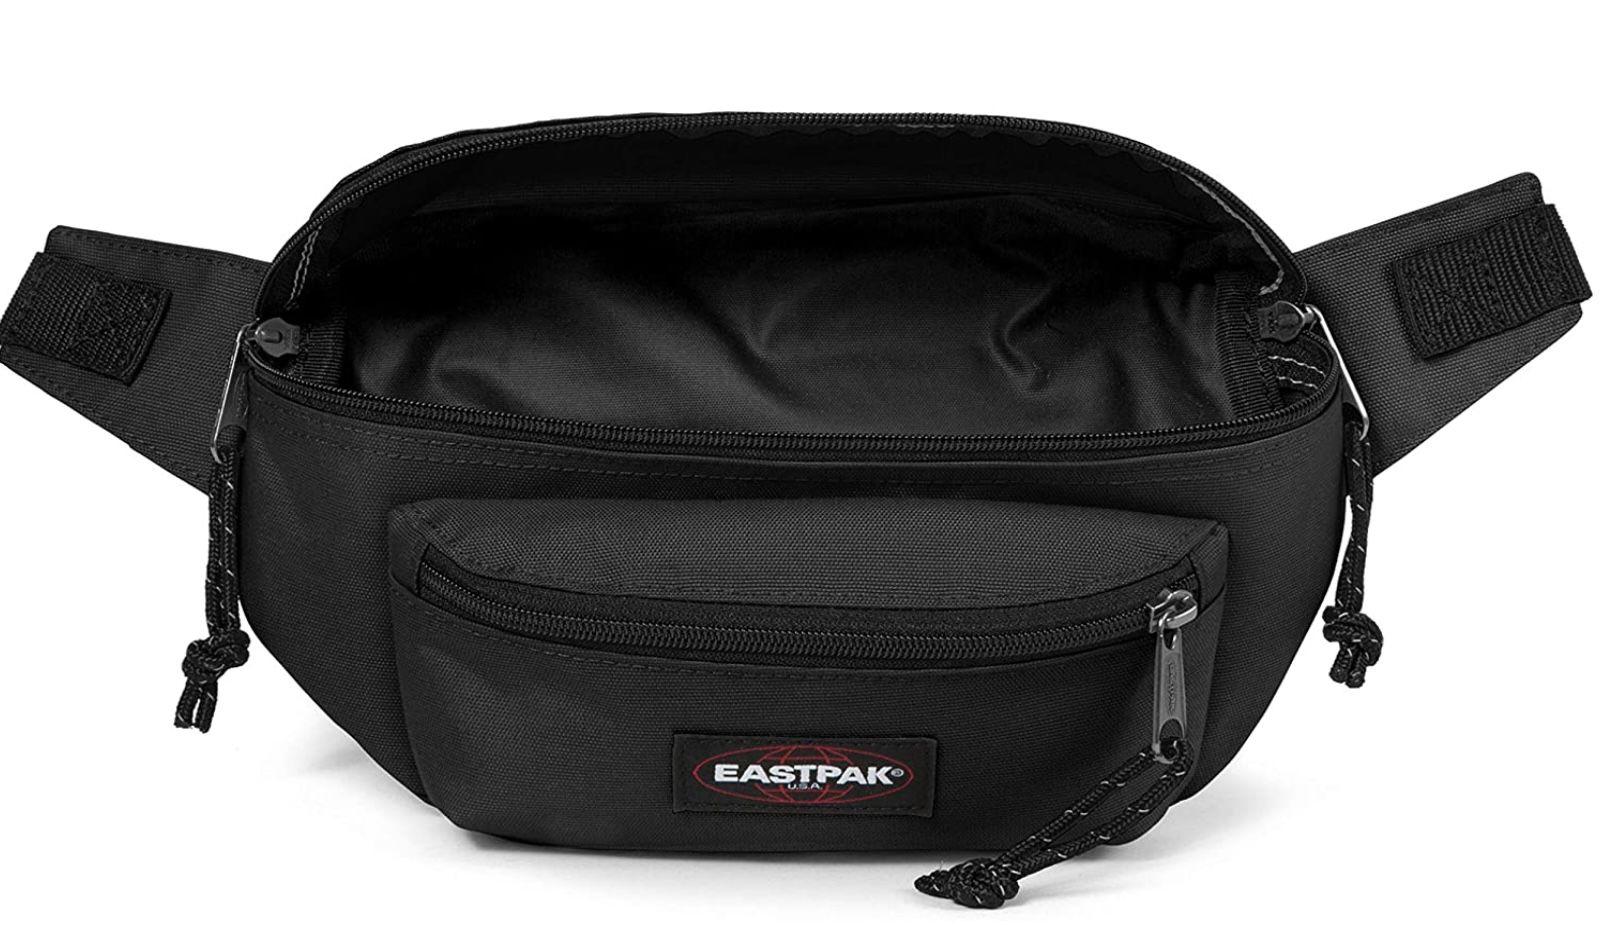 Eastpak Doggy Bag 3L Gürteltasche mit 27 cm für 16,90€ (statt 23€)   Prime